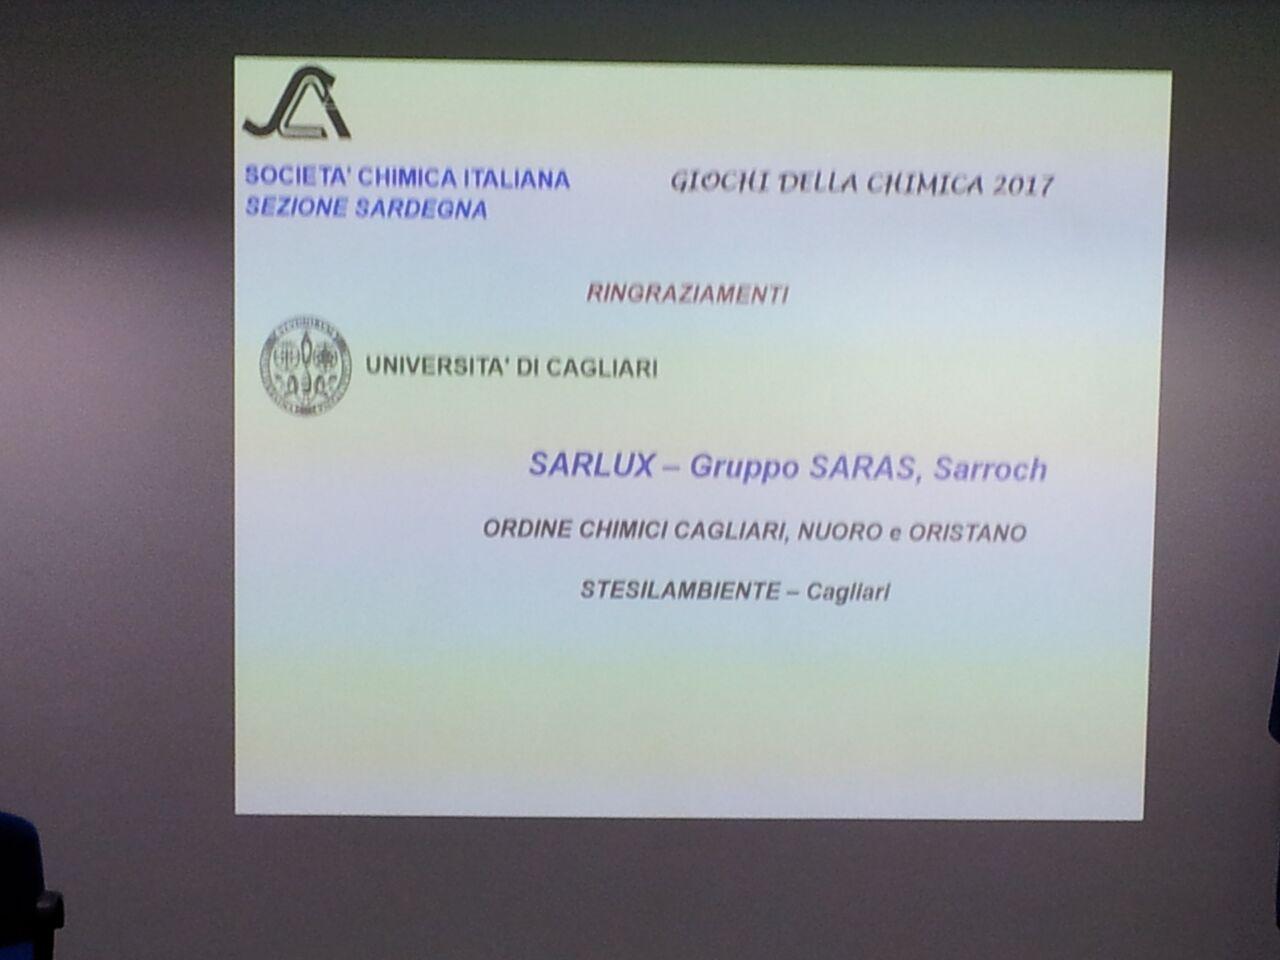 Sezione Sardegna - Giochi della Chimica 2017 | Società